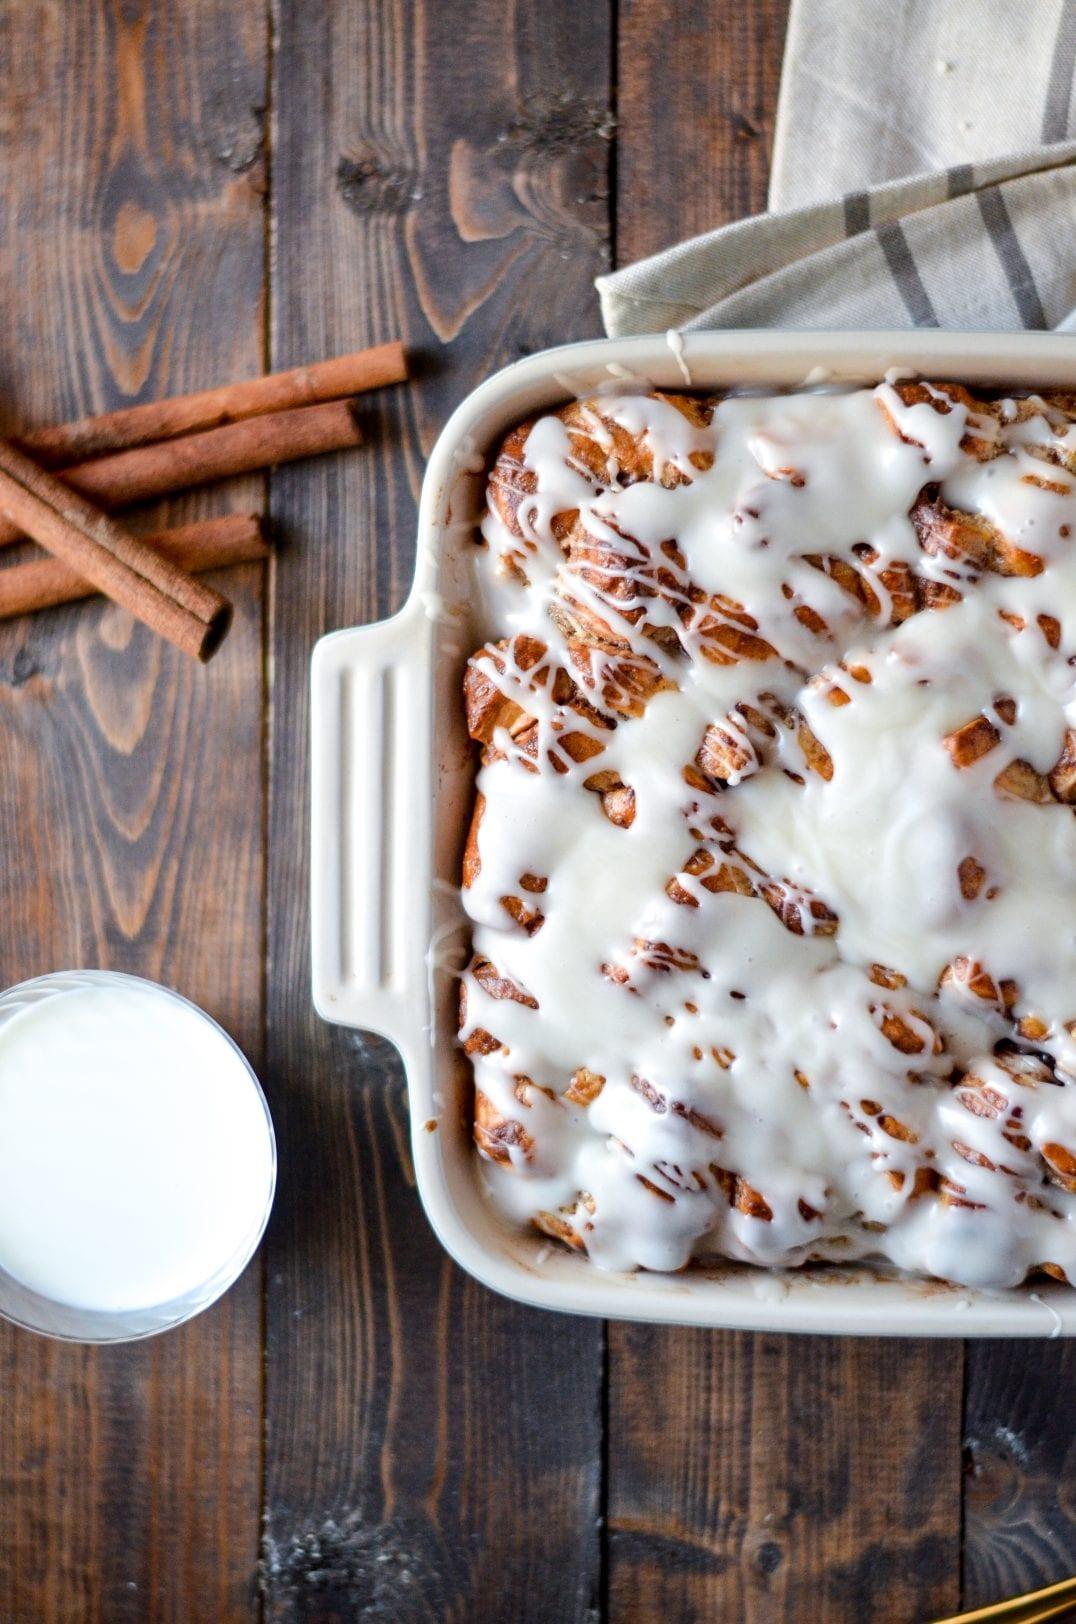 cinnamon roll breakfast bake in baking dish